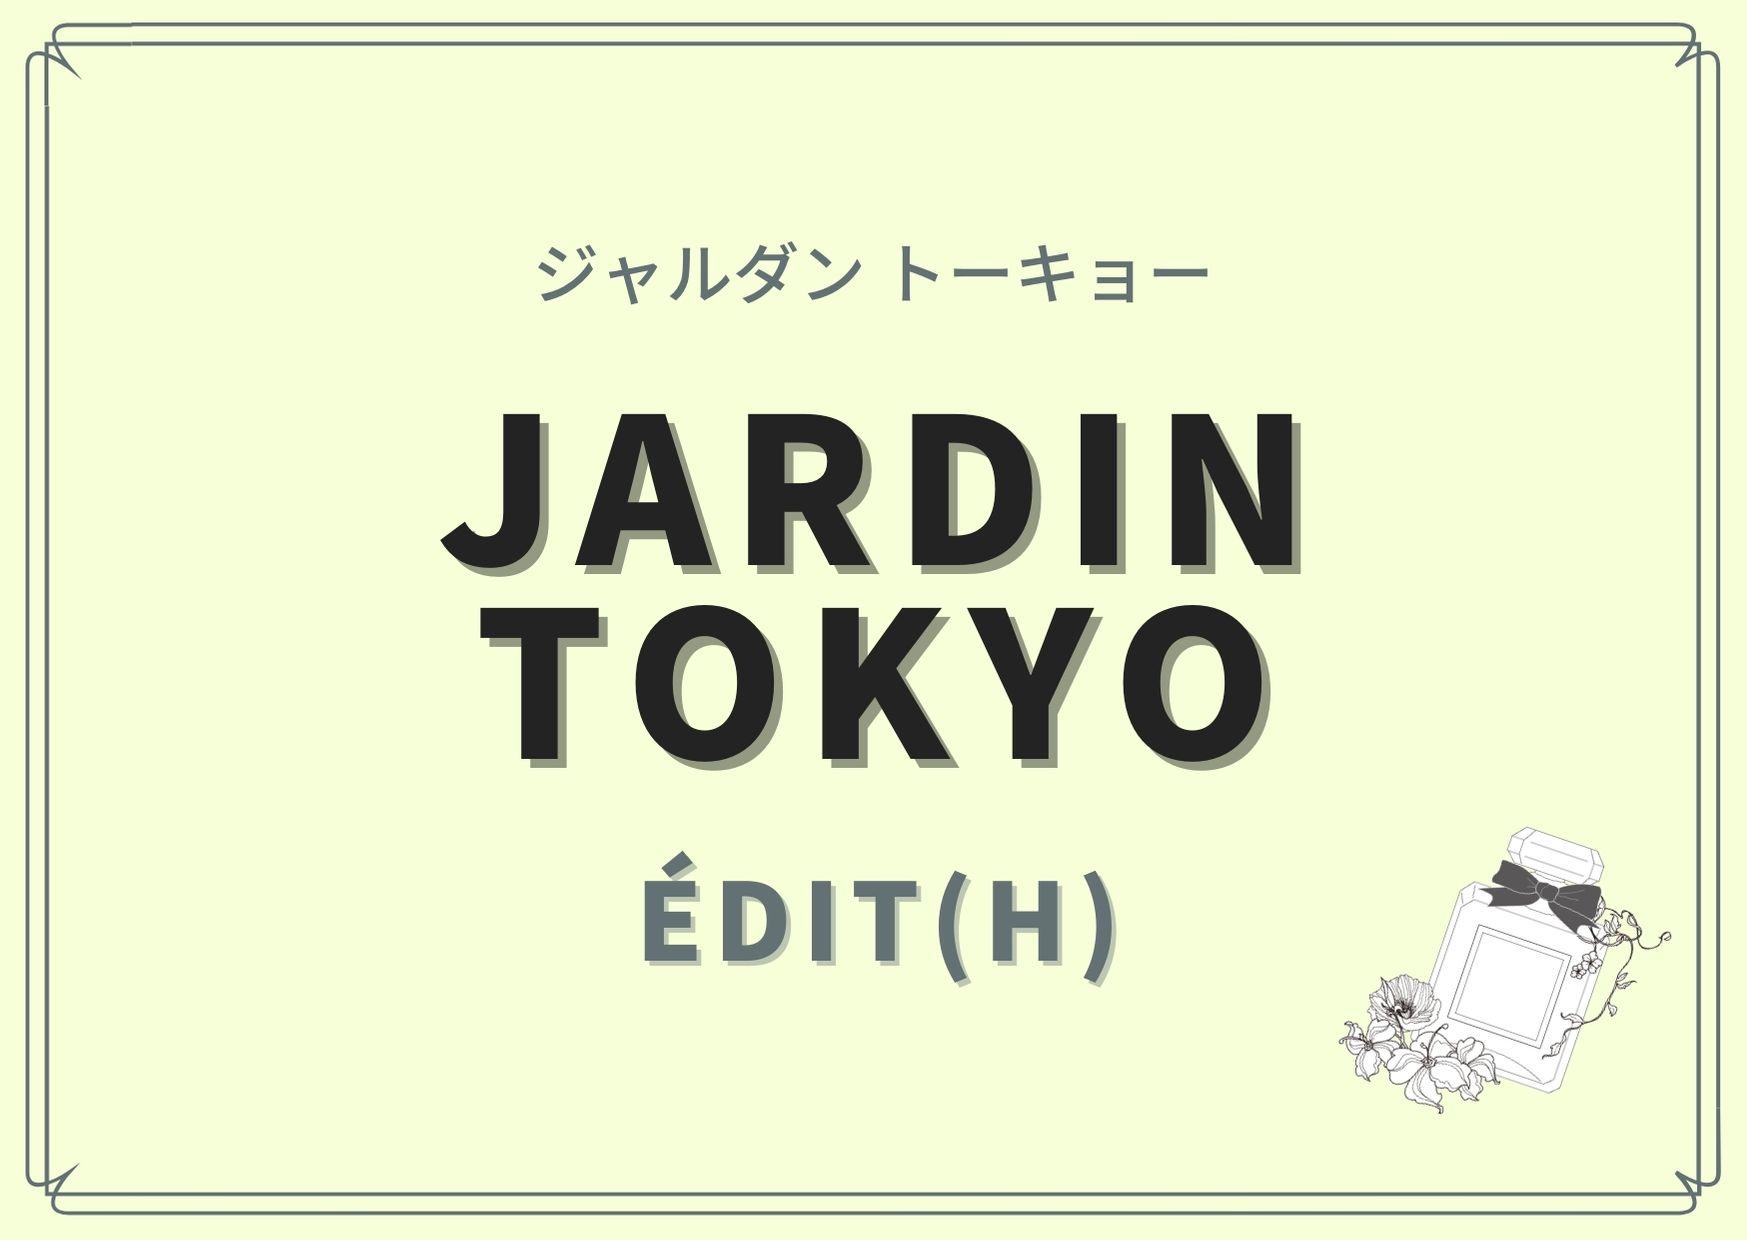 Jardin Tokyo(ジャルダン トーキョー)/ÉDIT(h)(エディット)